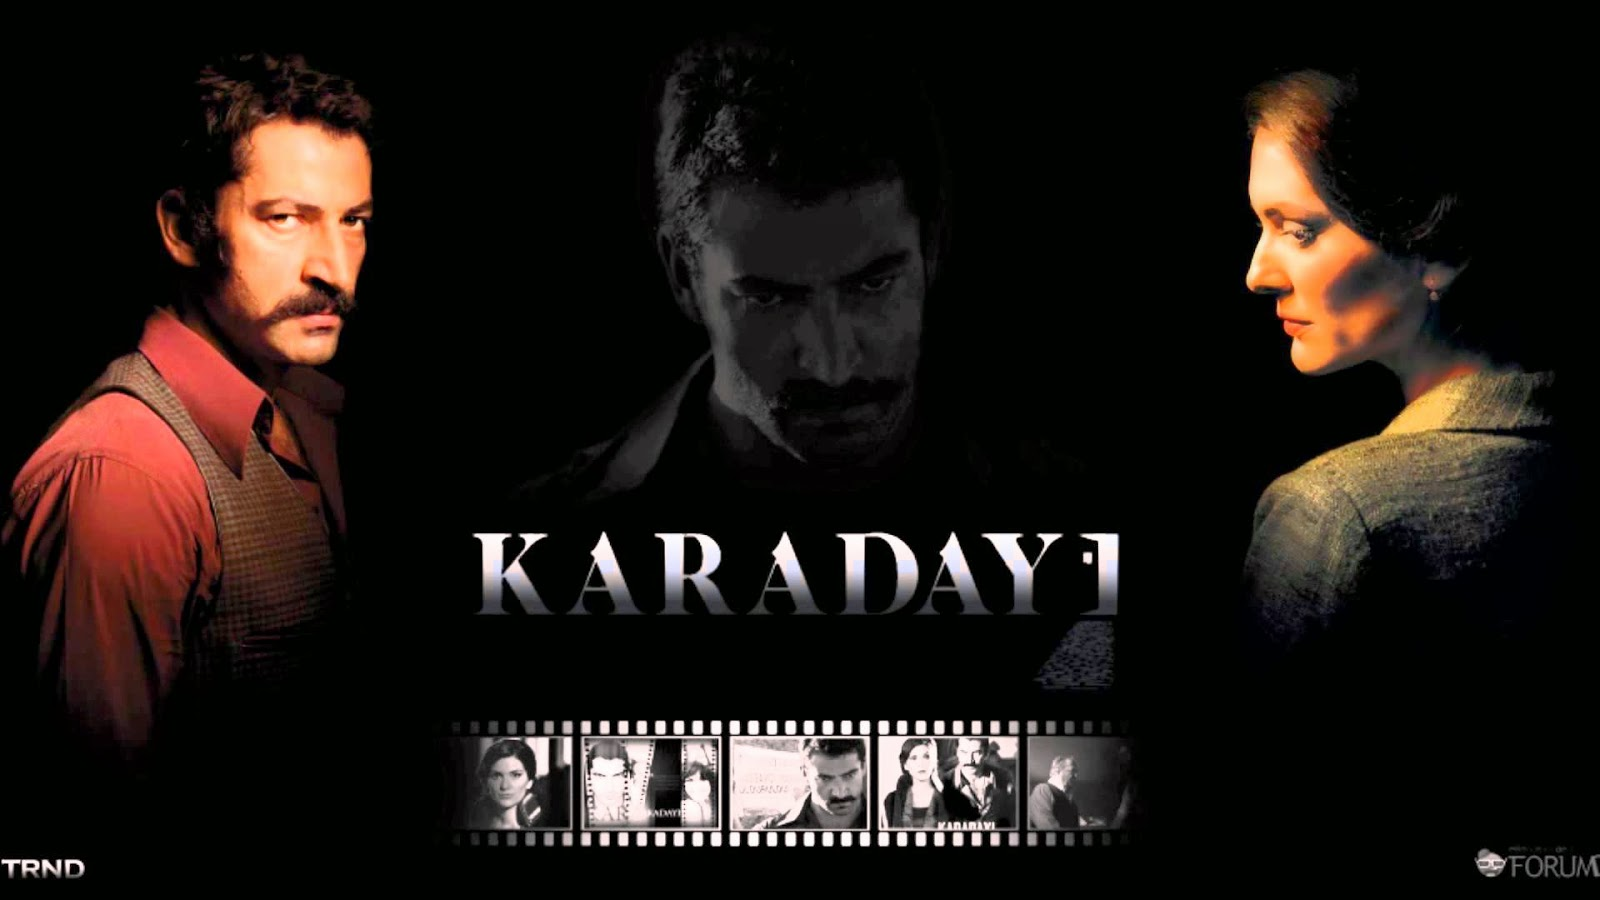 Drama karadayi episode 72 - When will season 3 game of thrones be on